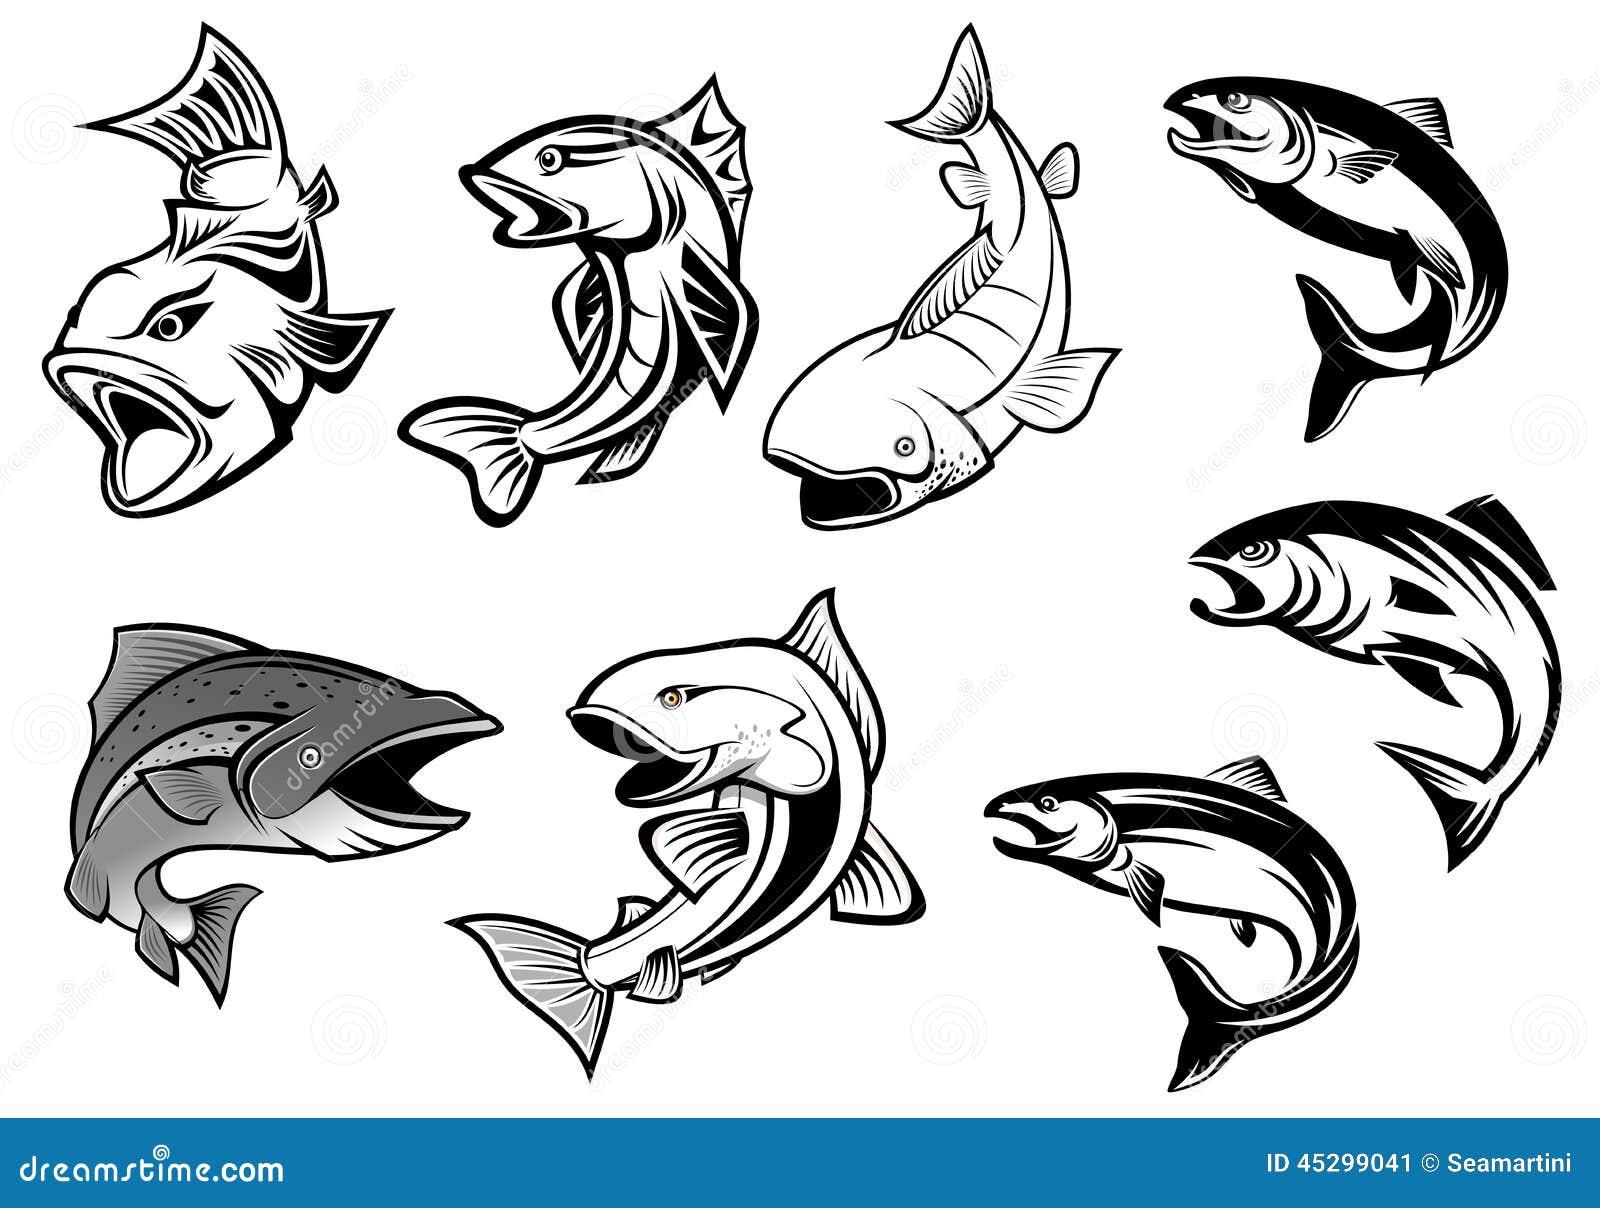 动画片三文鱼钓鱼钓鱼的体育或海鲜设计集合.图片